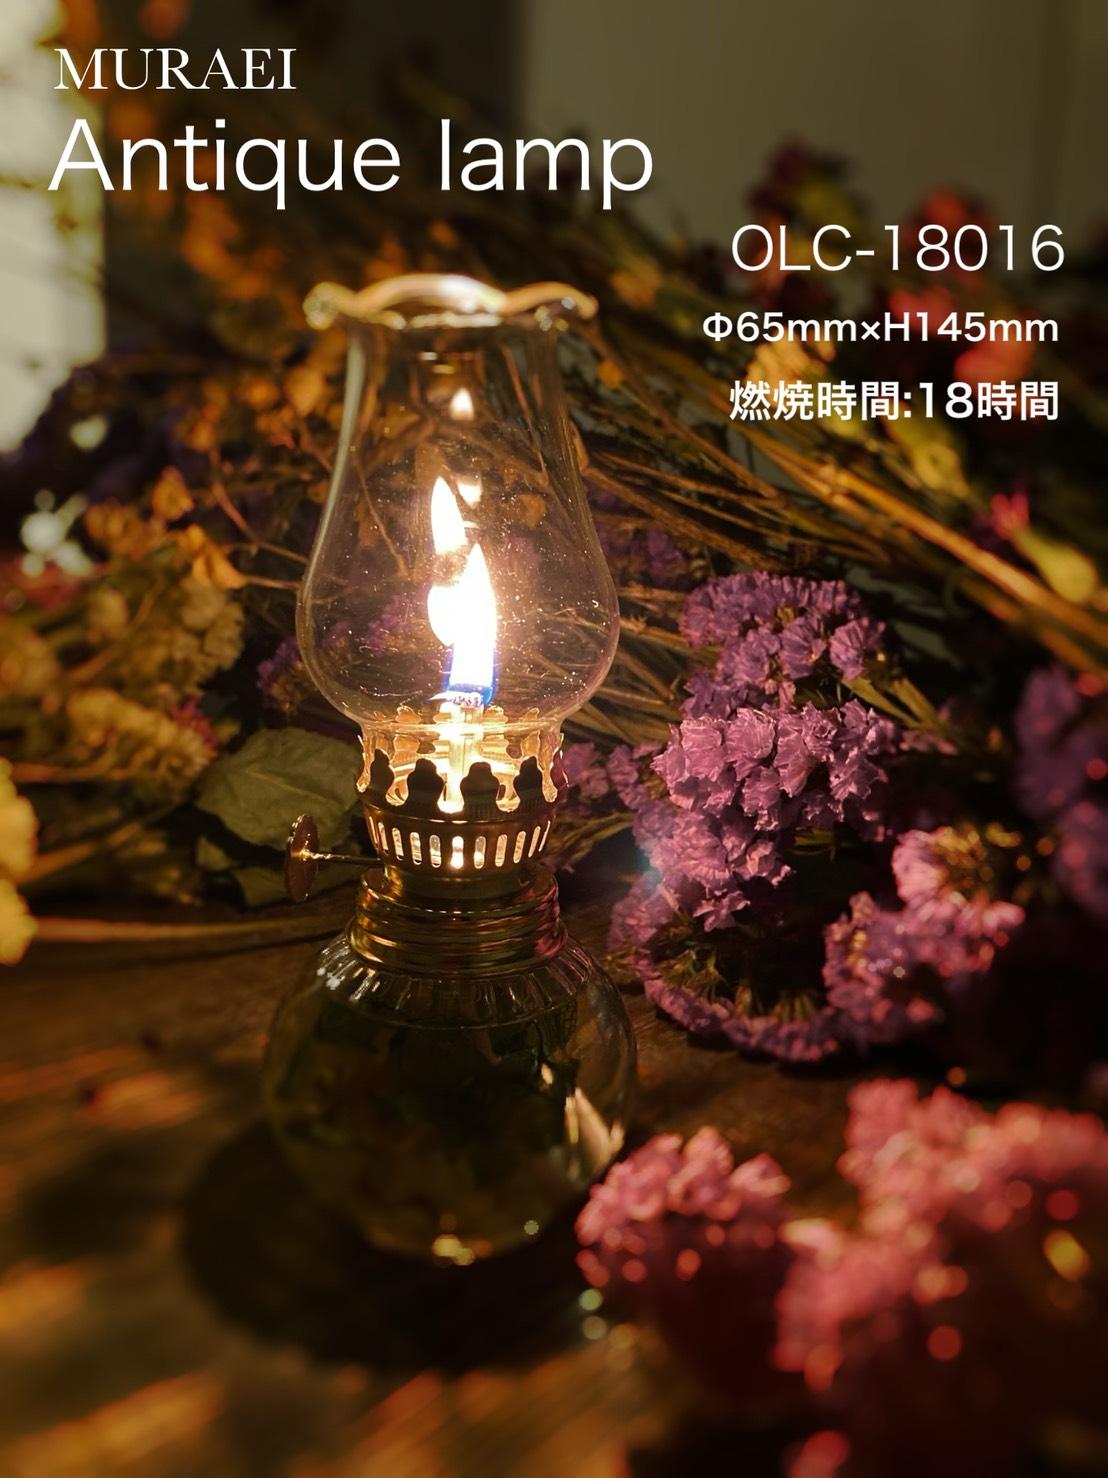 MURAEI OLC-18016 アンティークオイルランプ ガラスランプ ルナックス ムラエ クリアランプ インテリア アンティーク調 テーブルウェア 激安セール ランプリウム 間接照明 記念日 キャンプ